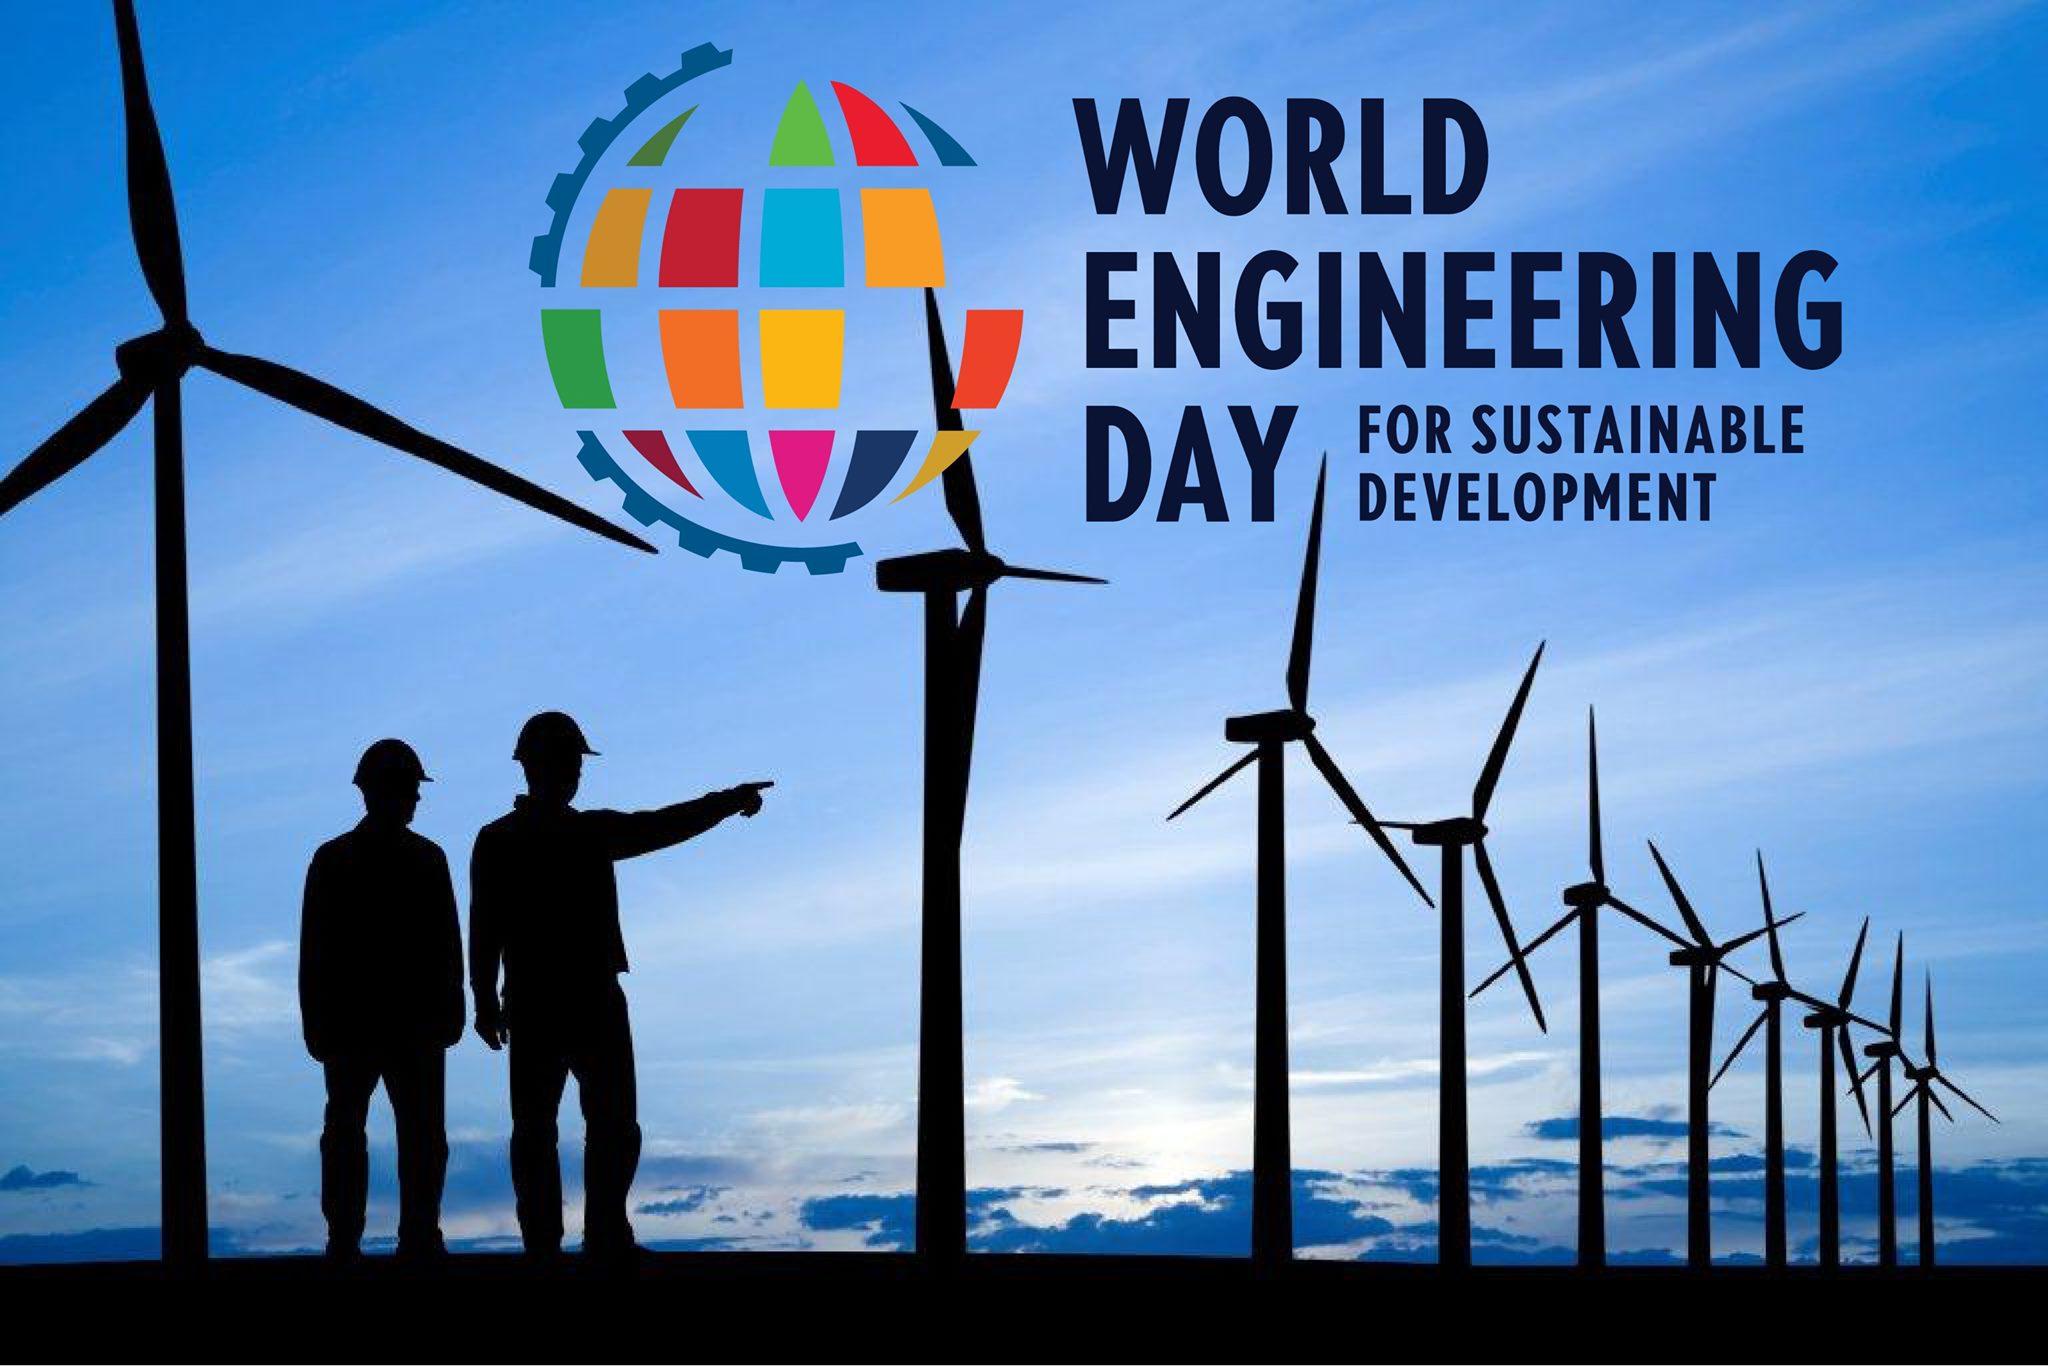 Il 4 marzo è la giornata mondiale dell'ingegneria per lo sviluppo sostenibile